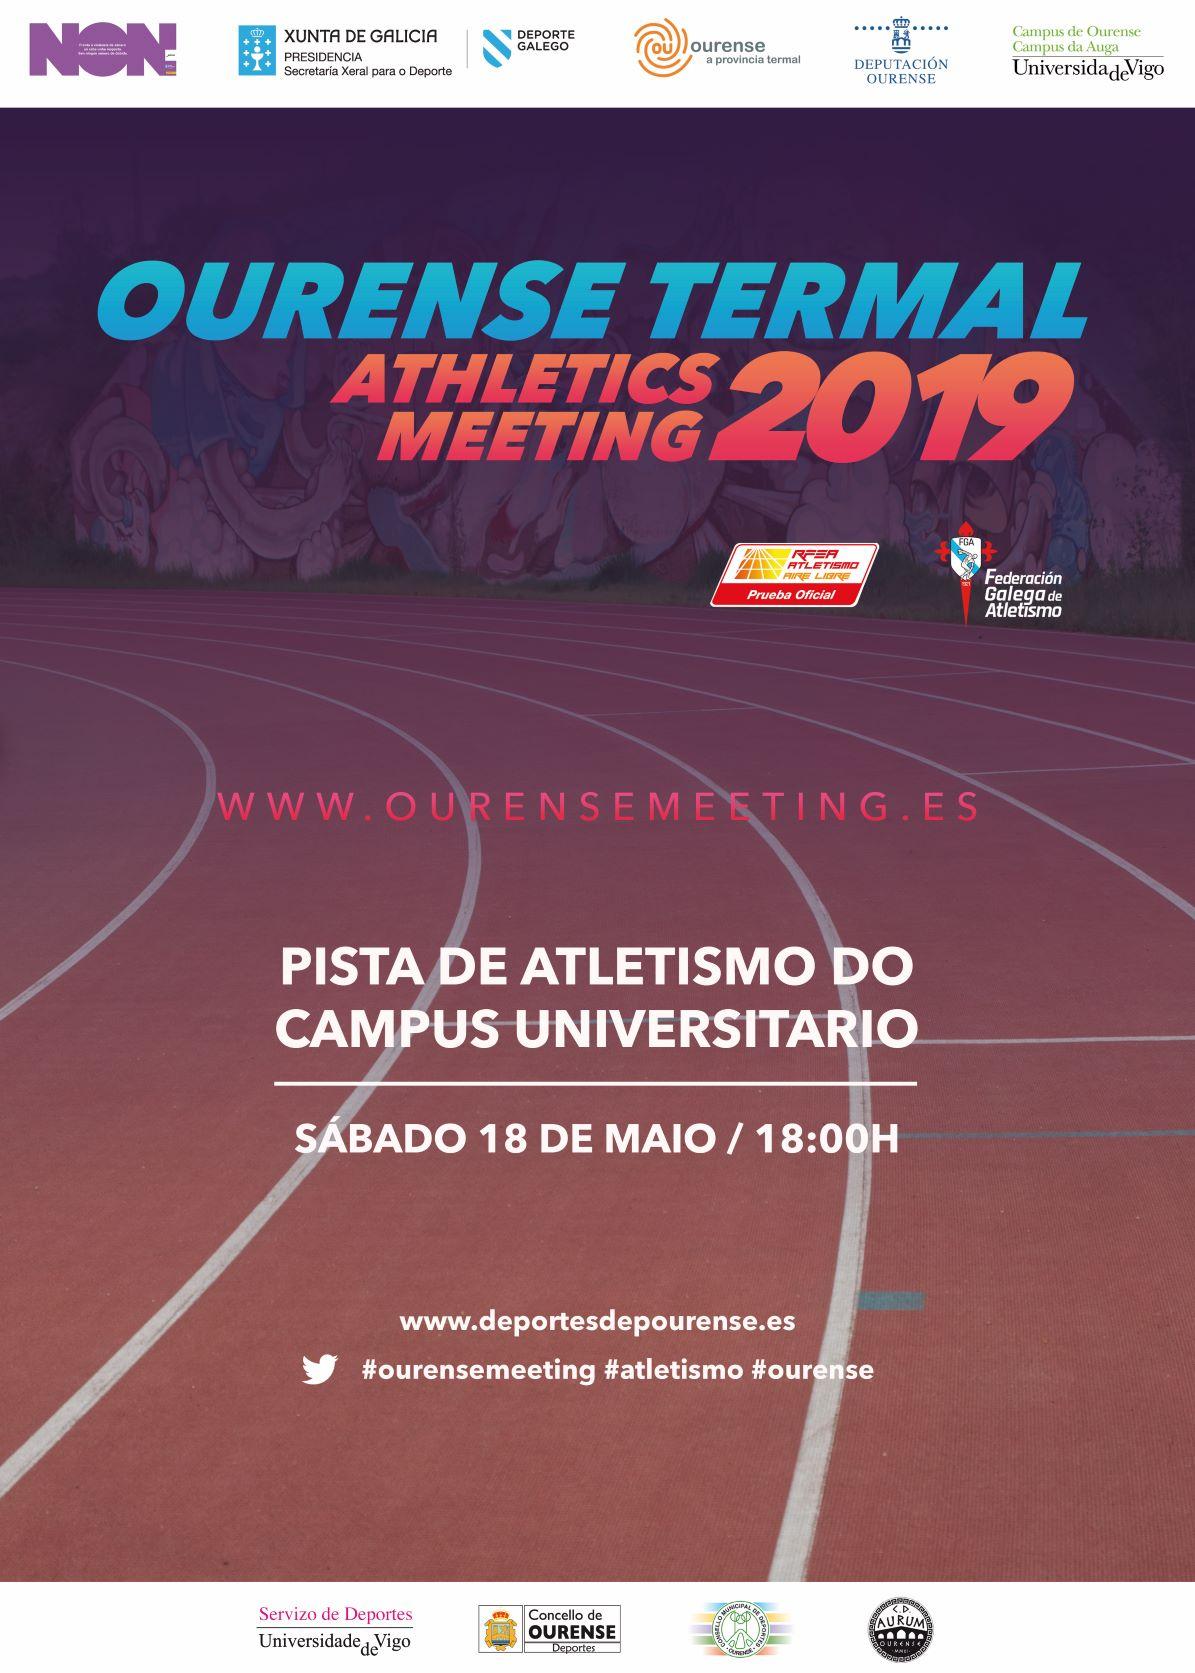 Ourense Termal Athletics Meeting 2019